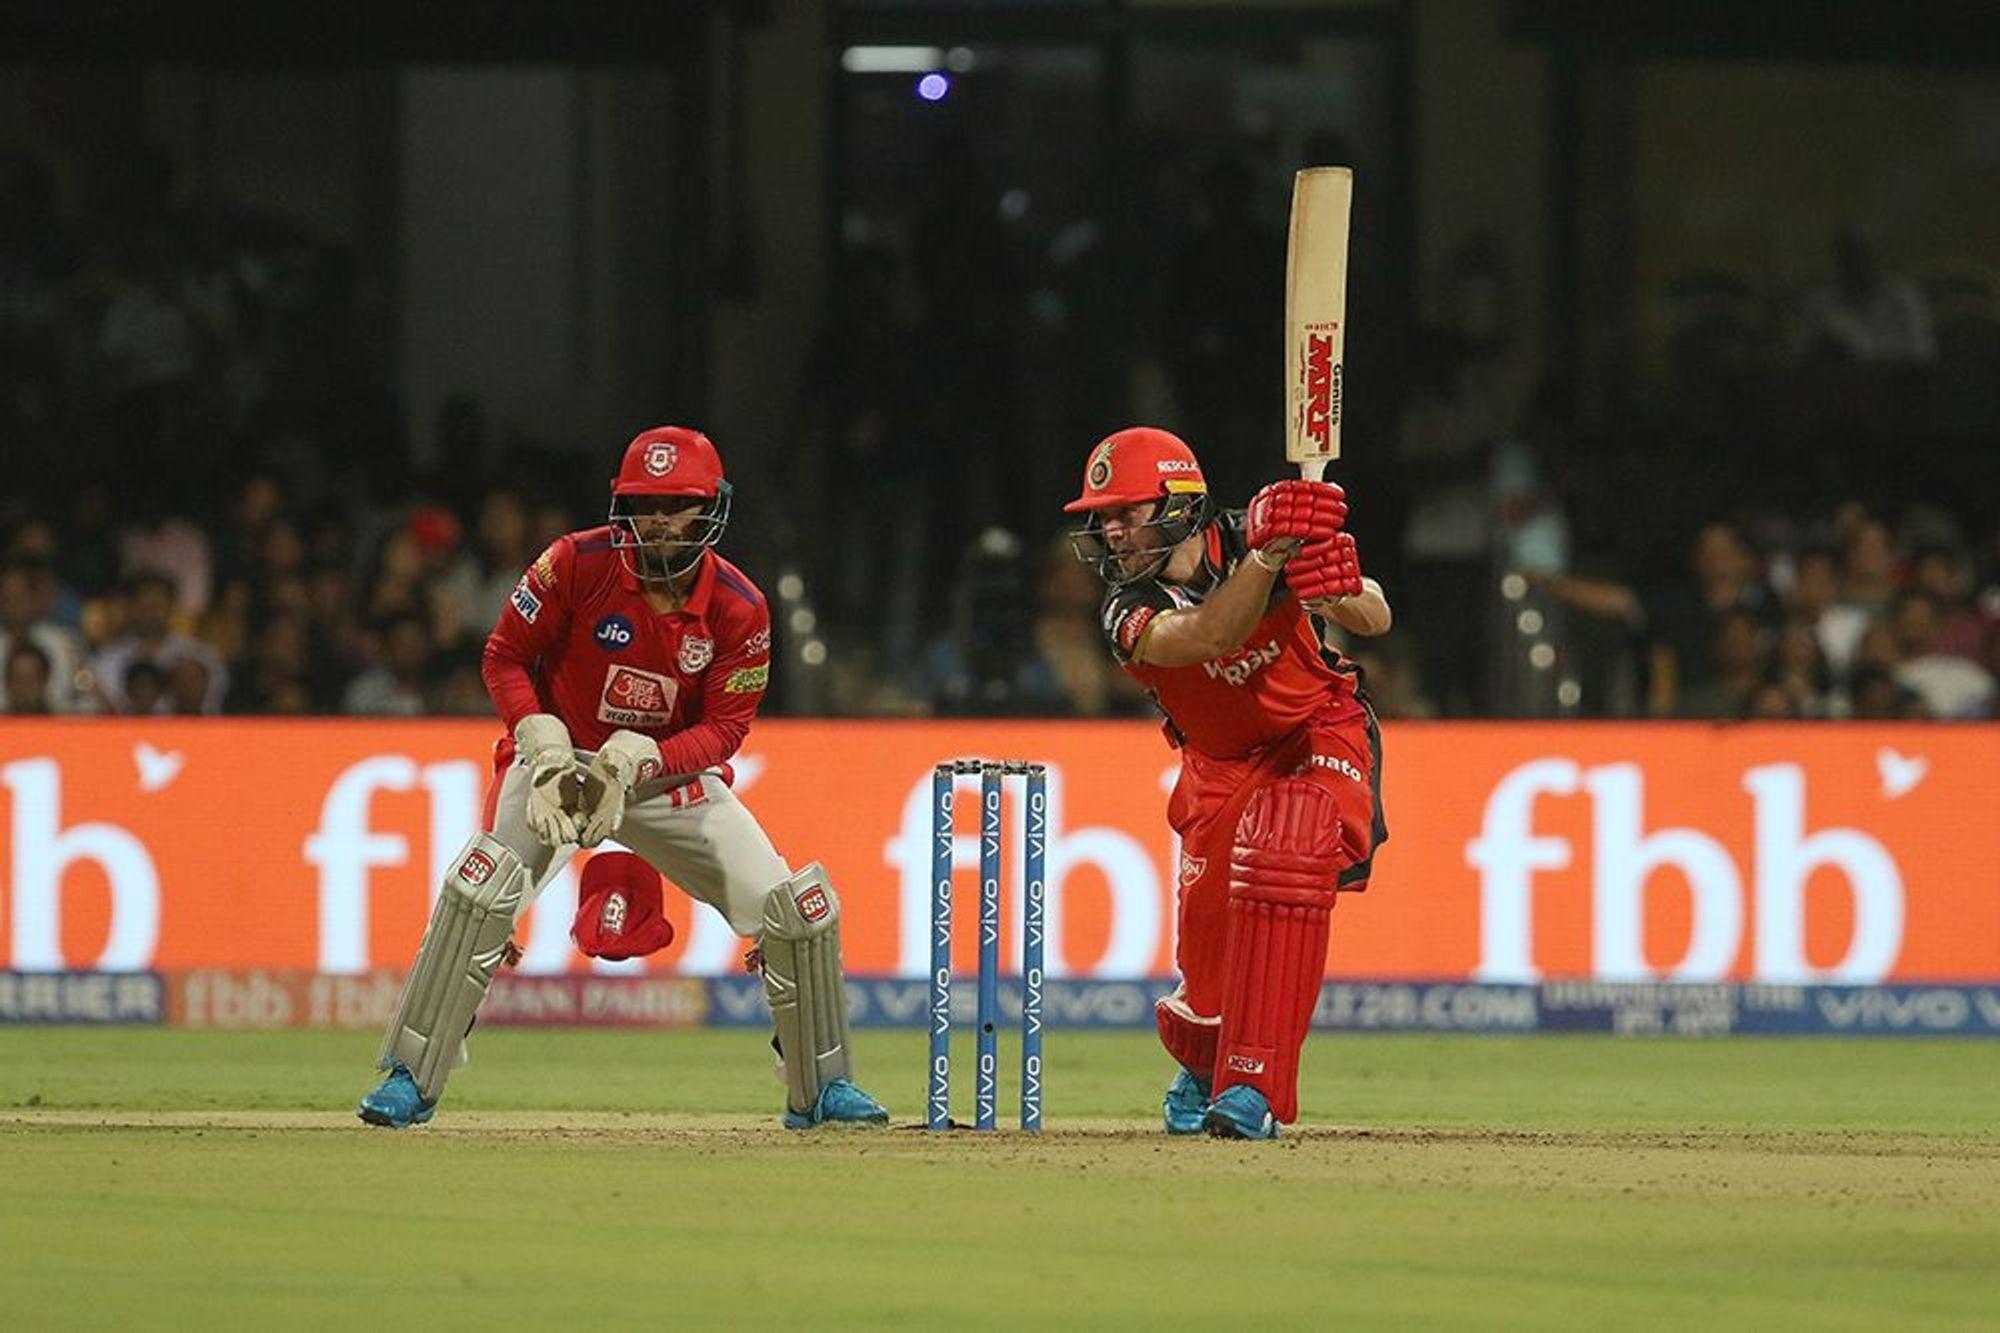 मैन ऑफ द मैच एबी डिविलियर्स ने बताया अपनी तूफानी बल्लेबाजी का असली राज 5